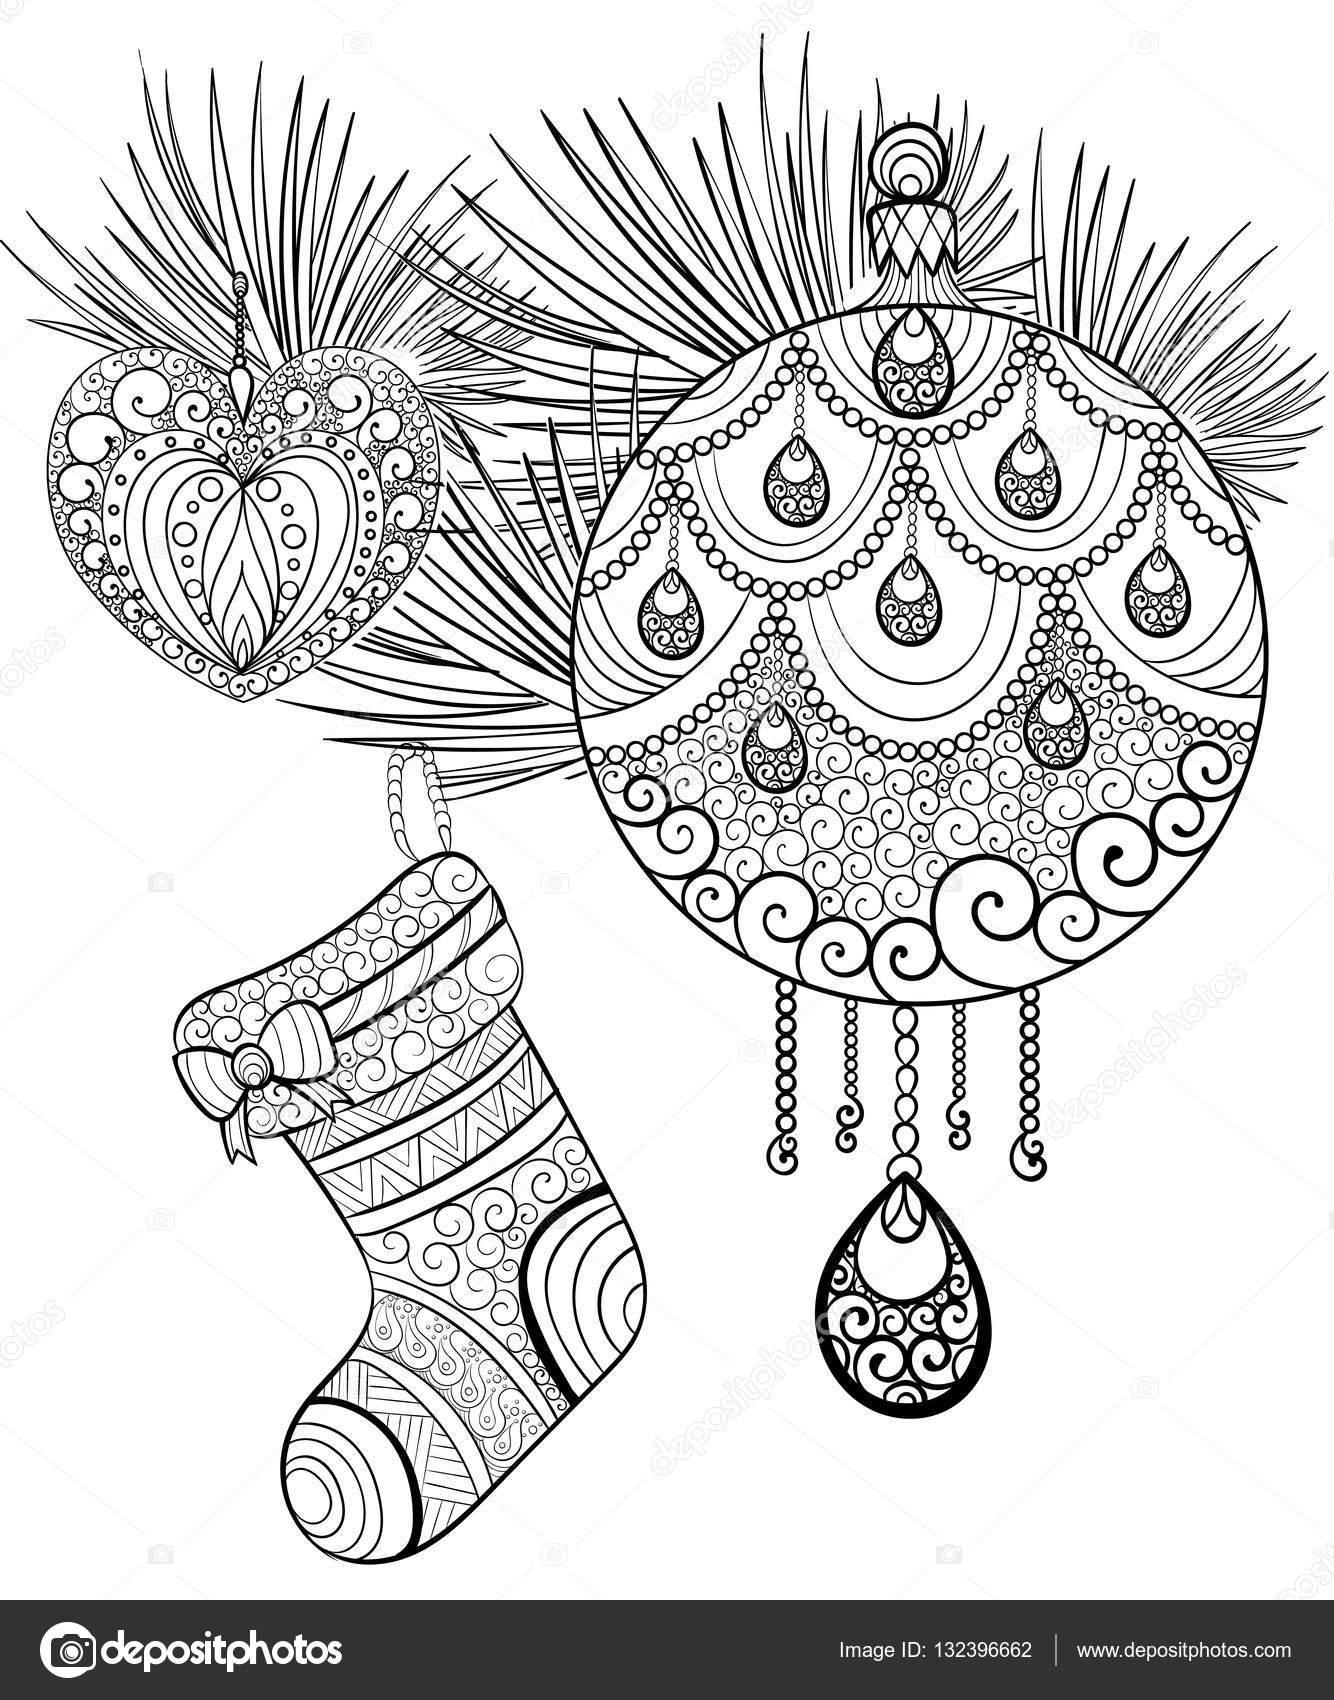 Elle çizilmiş Mürekkep Desen Boyama Kitabı Için Yetişkin Neşeli